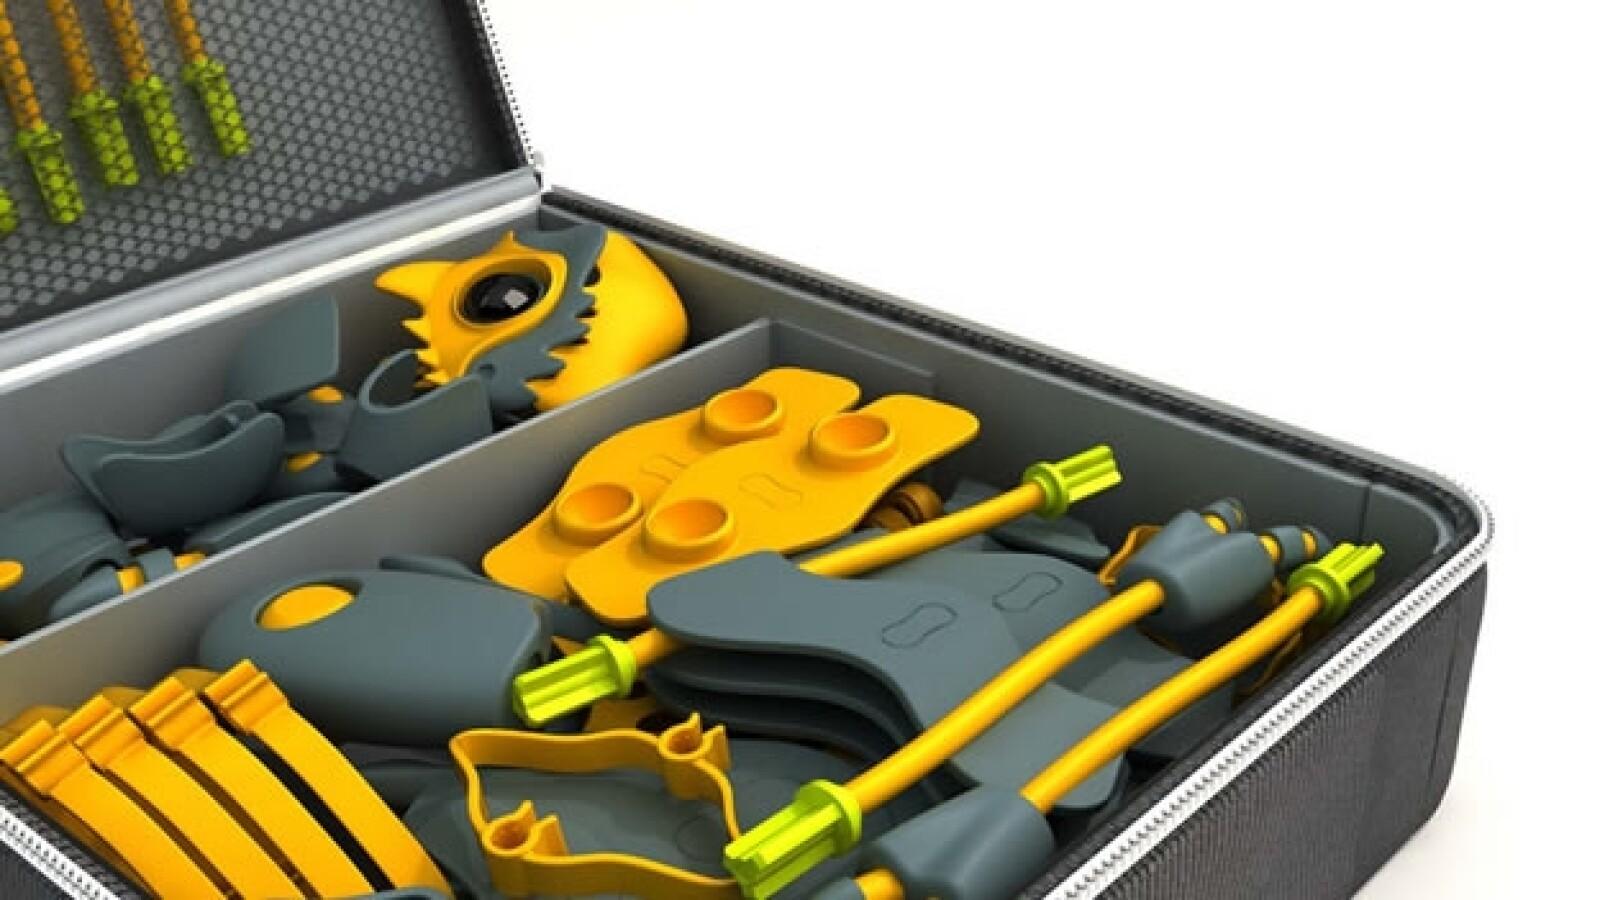 premio braun 2012 de diseño industrial